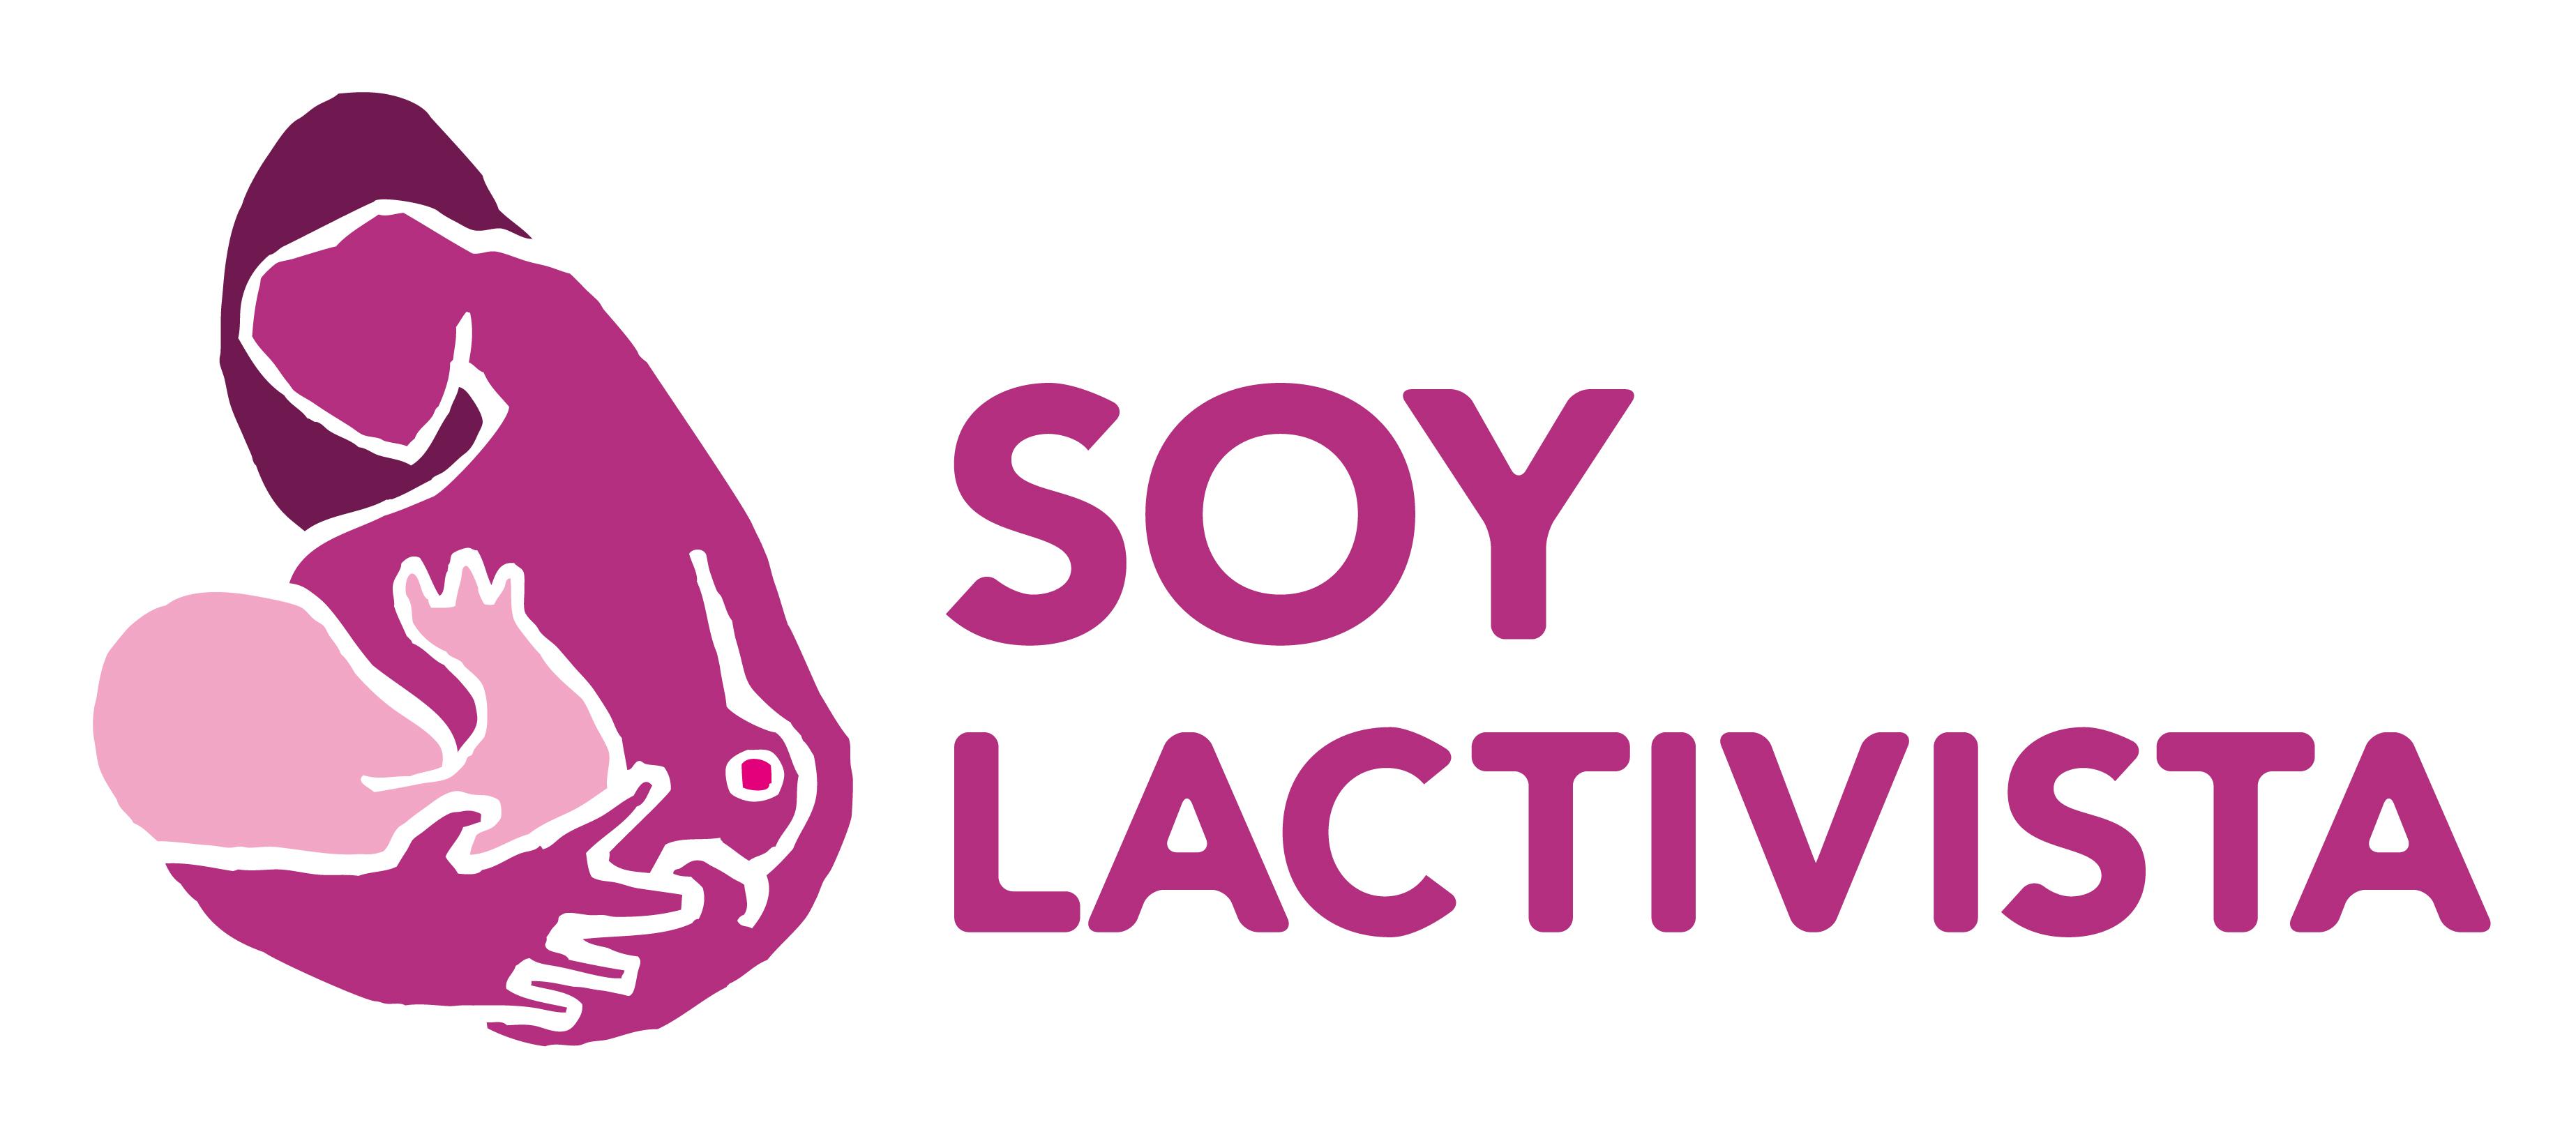 lactivista logo gr